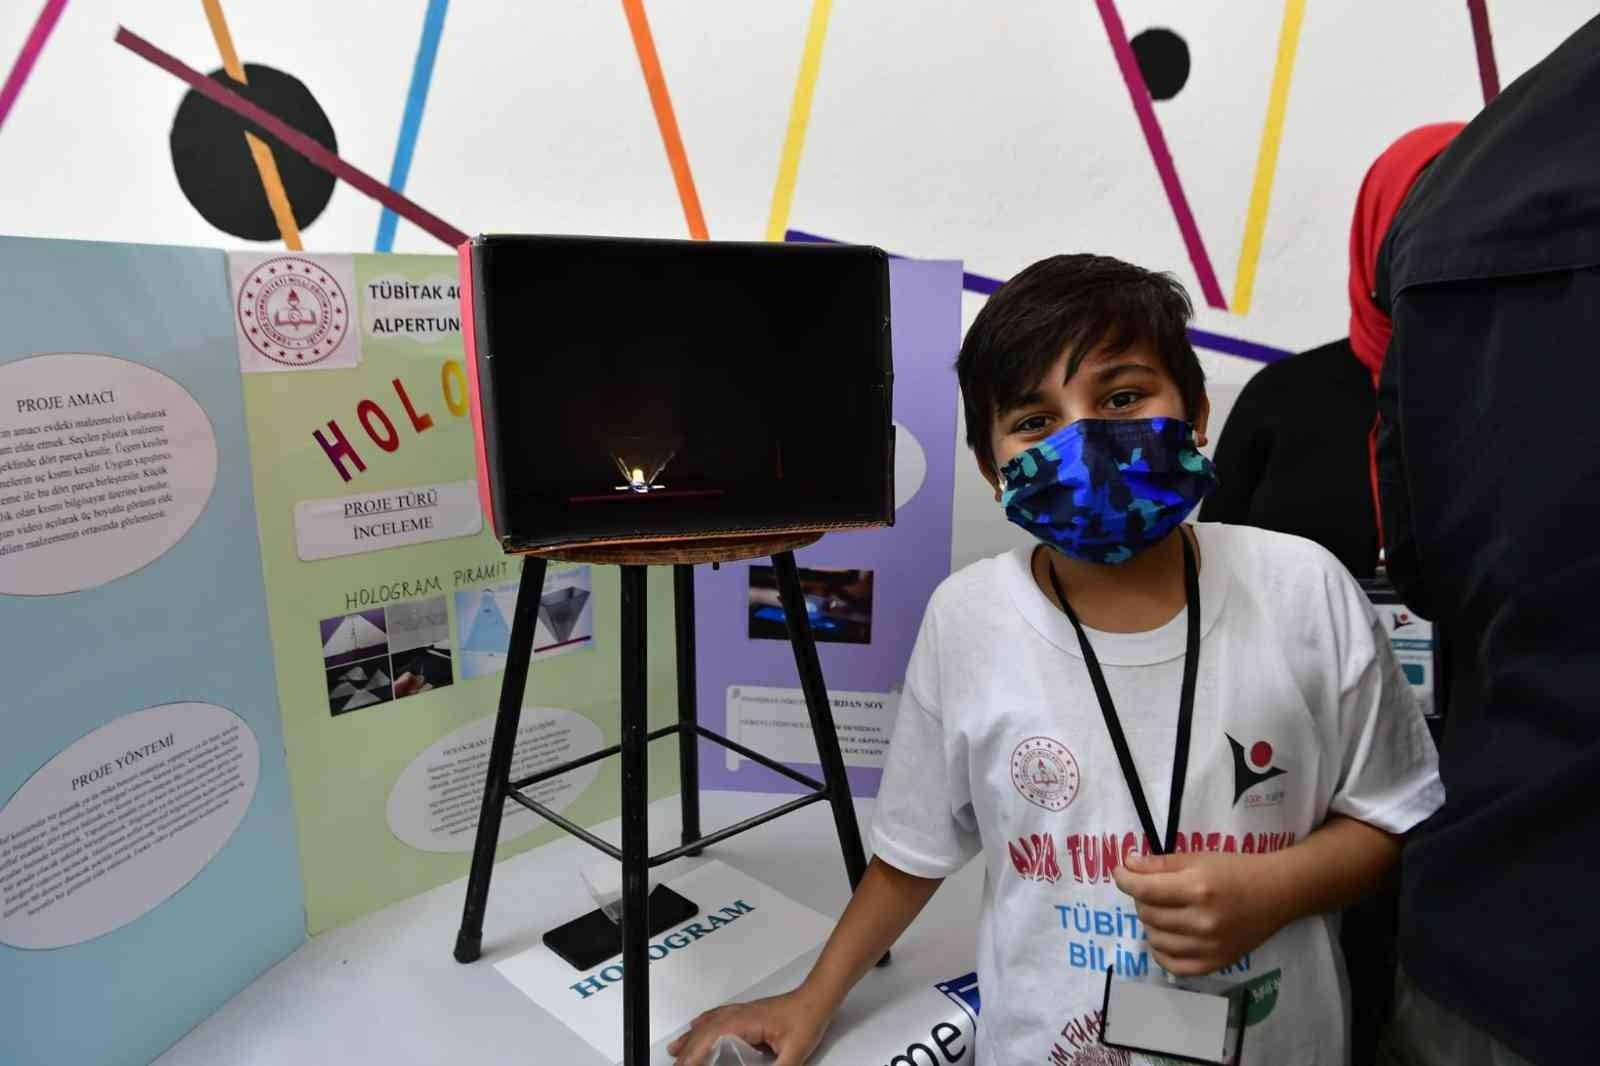 Mamak'ta teknoloji meraklısı gençler eserlerini sergiledi